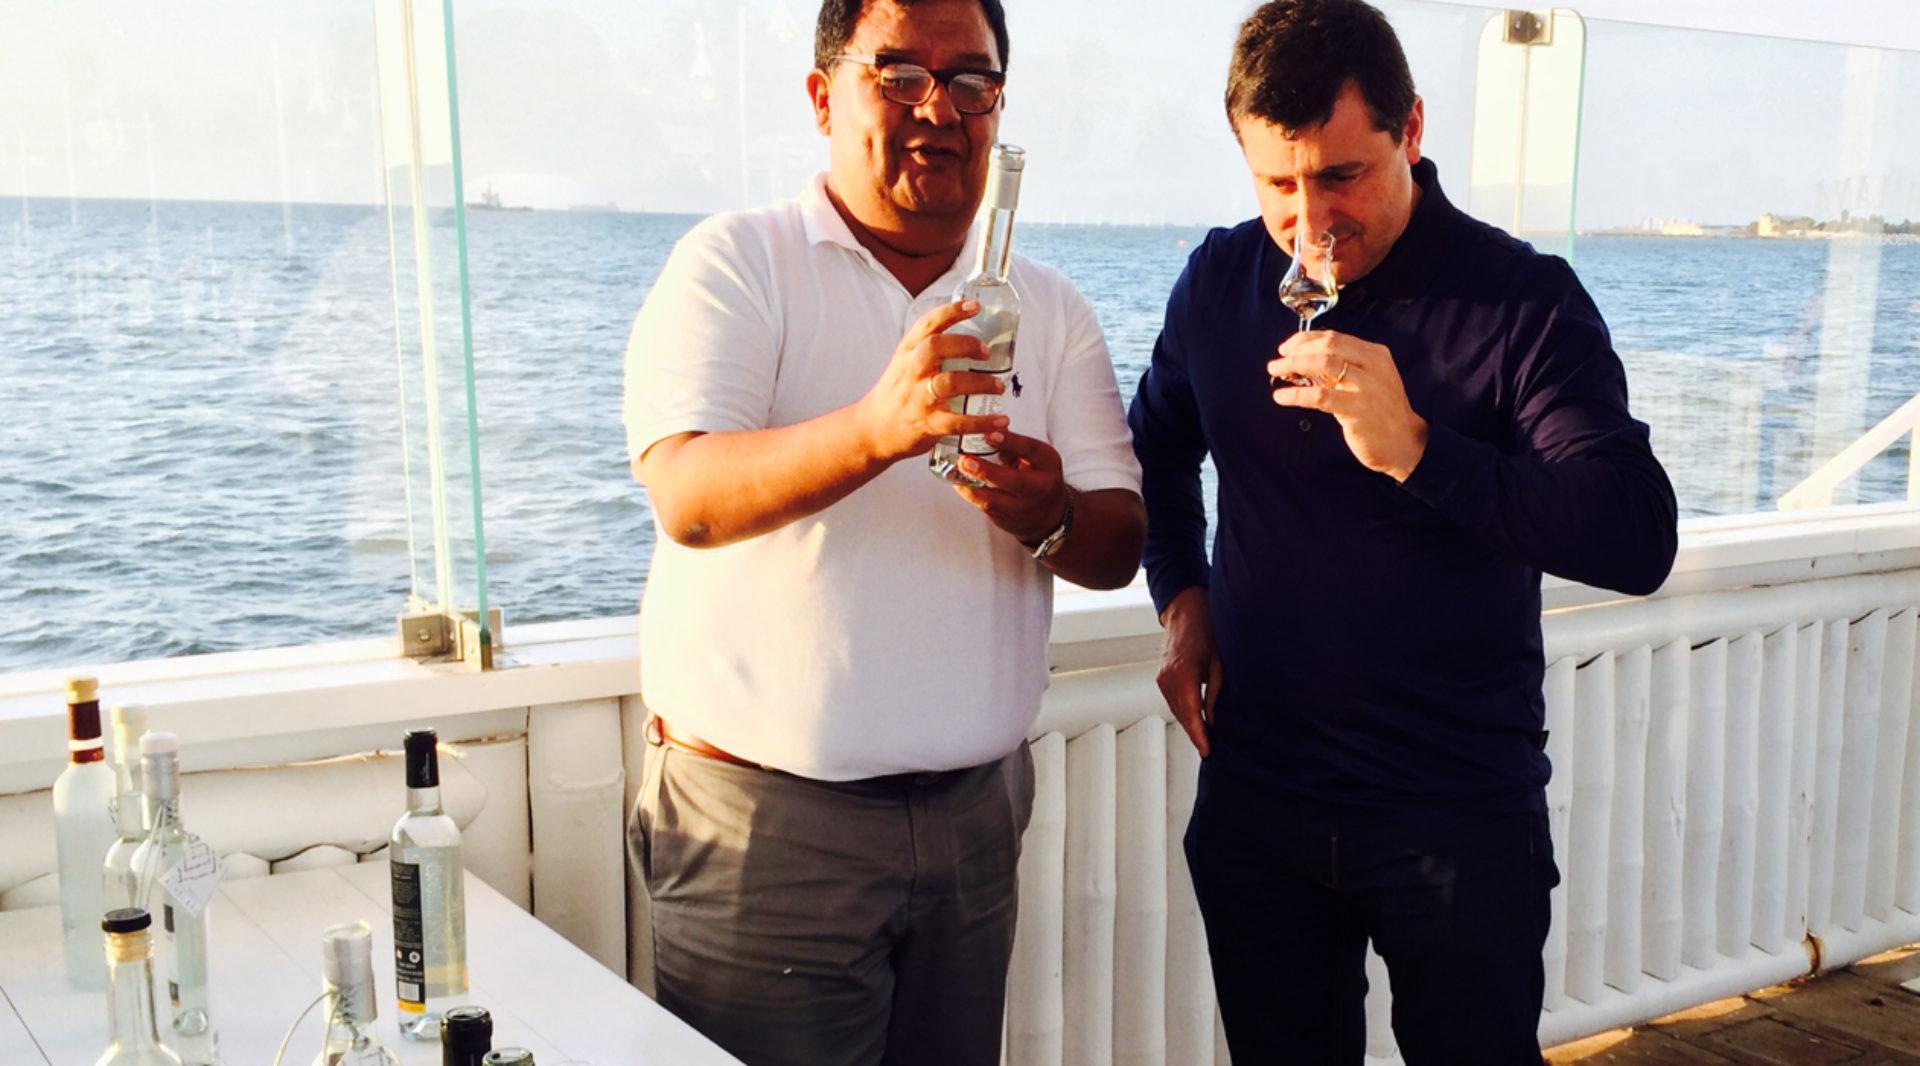 el-productor-de-pisco-jose-moquillaza-muestra-a-josep-roca-diversas-variedades-de-la-bebida-durante-una-cata-de-piscos-bbva